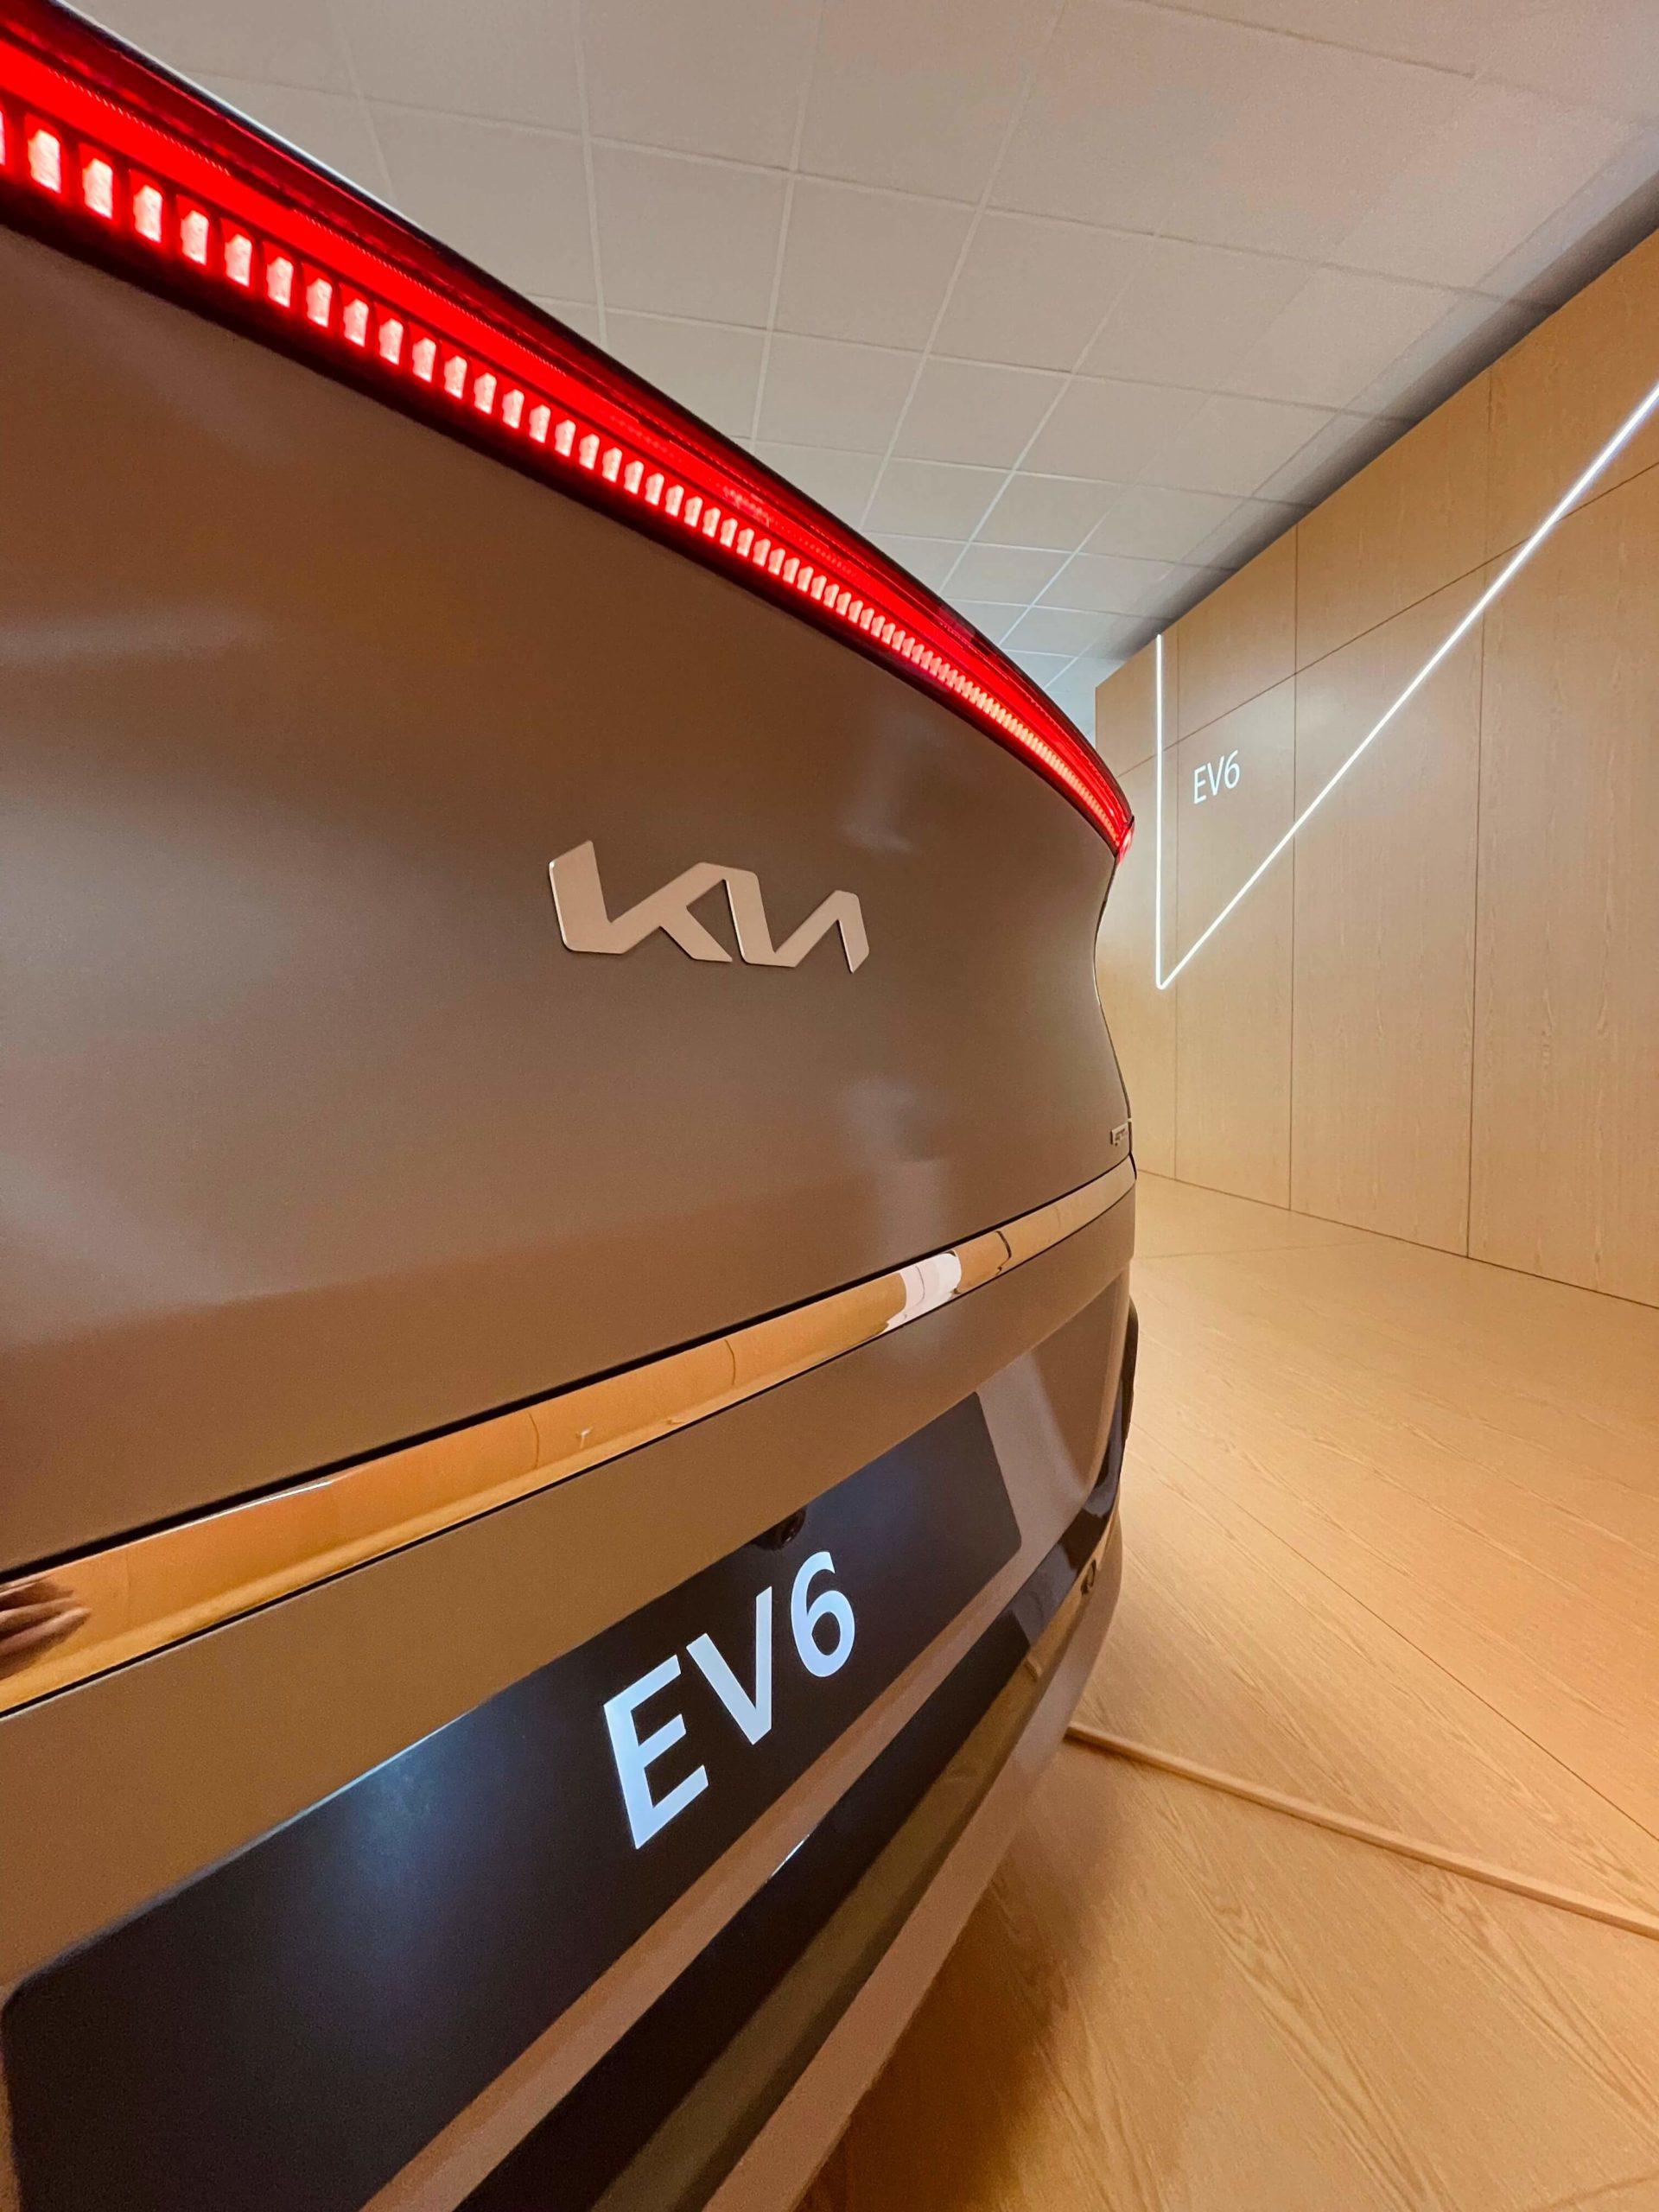 Kia Vibe EV6 8